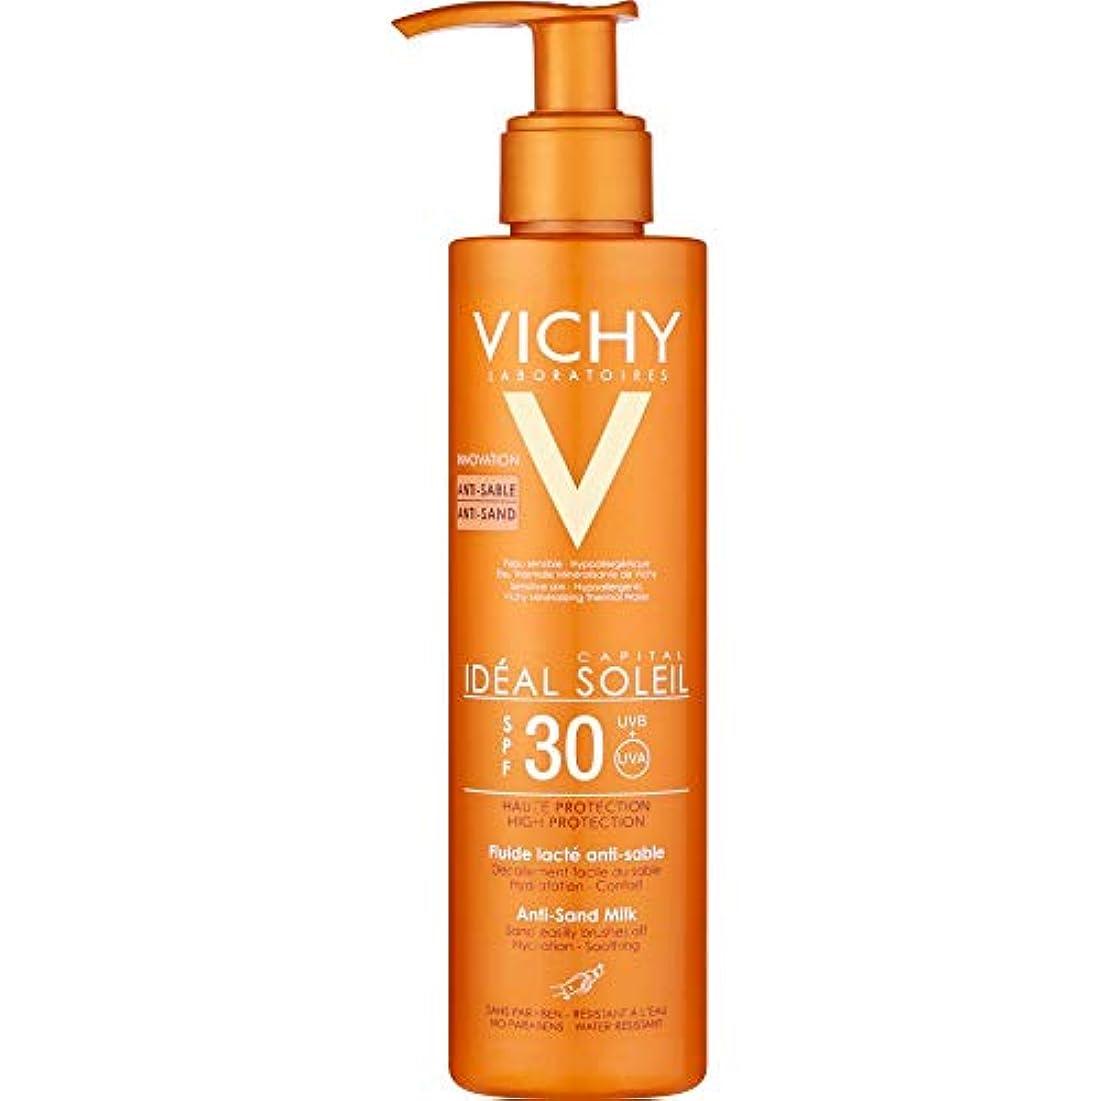 力学再生可能熱意[Vichy] ヴィシー理想的ソレイユアンチ砂ミルクSpf30の200ミリリットル - Vichy Ideal Soleil Anti-Sand Milk SPF30 200ml [並行輸入品]